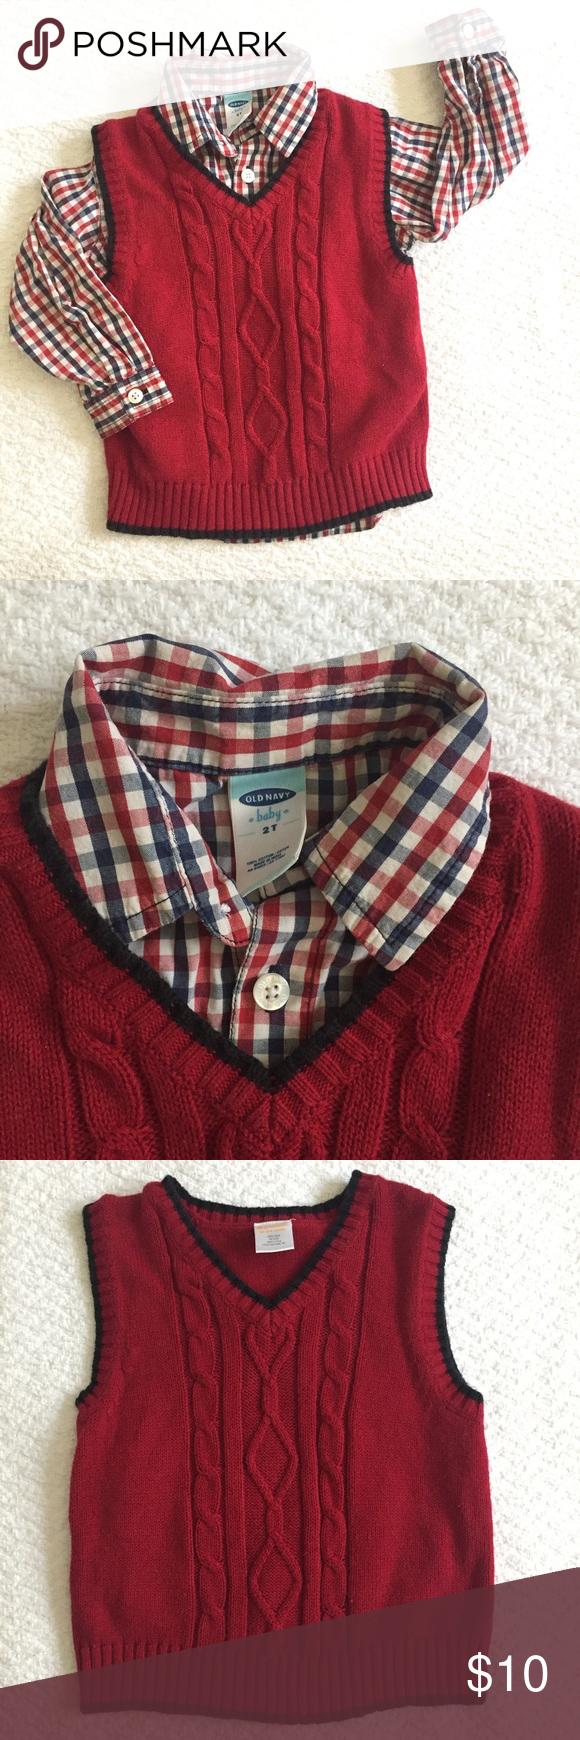 Toddler Vest and Gingham Shirt Bundle | Gingham